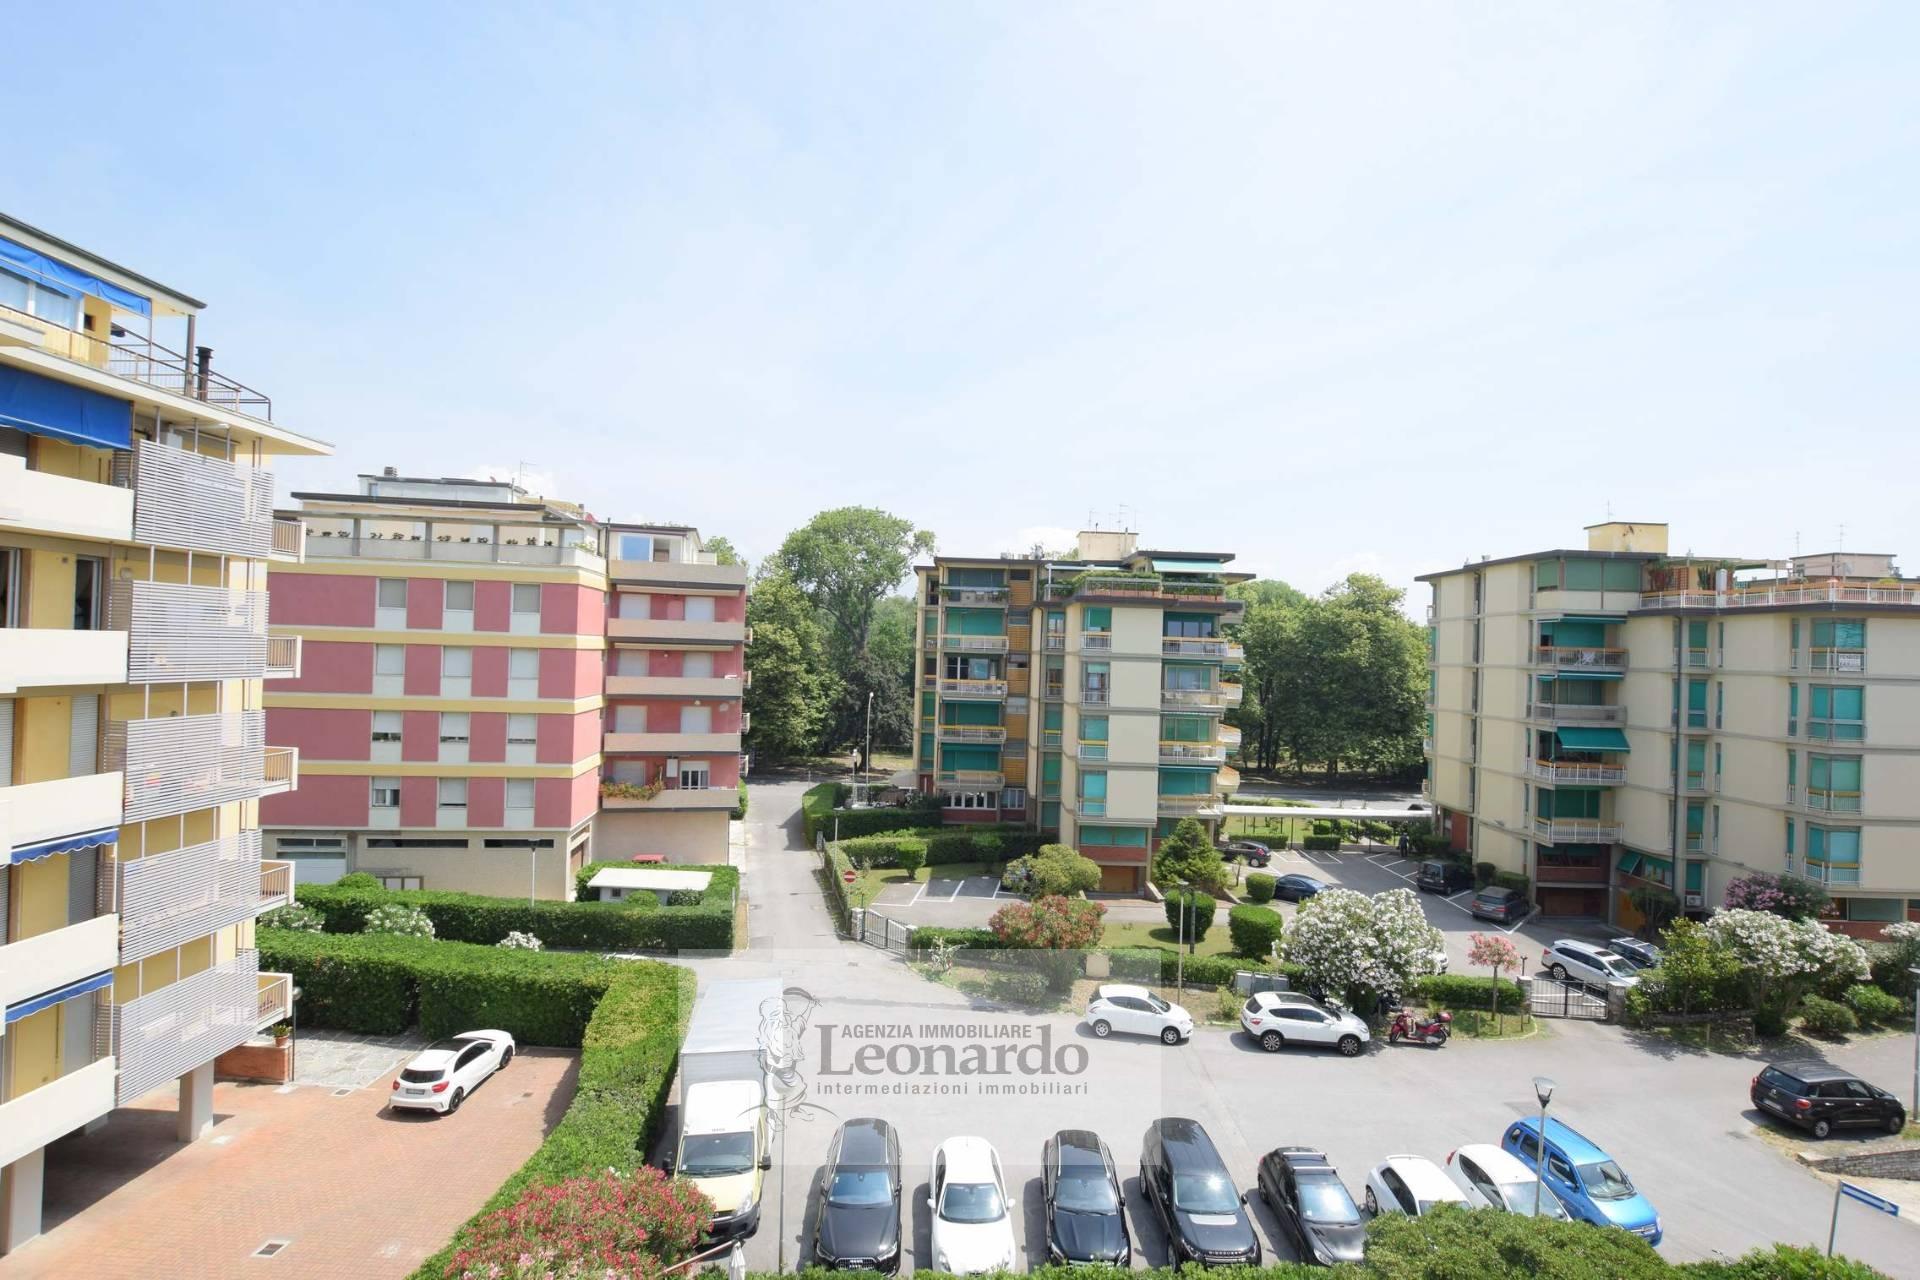 Agenzia immobiliare leonardo agenzia immobiliare viareggio - Leonardo immobiliare ...